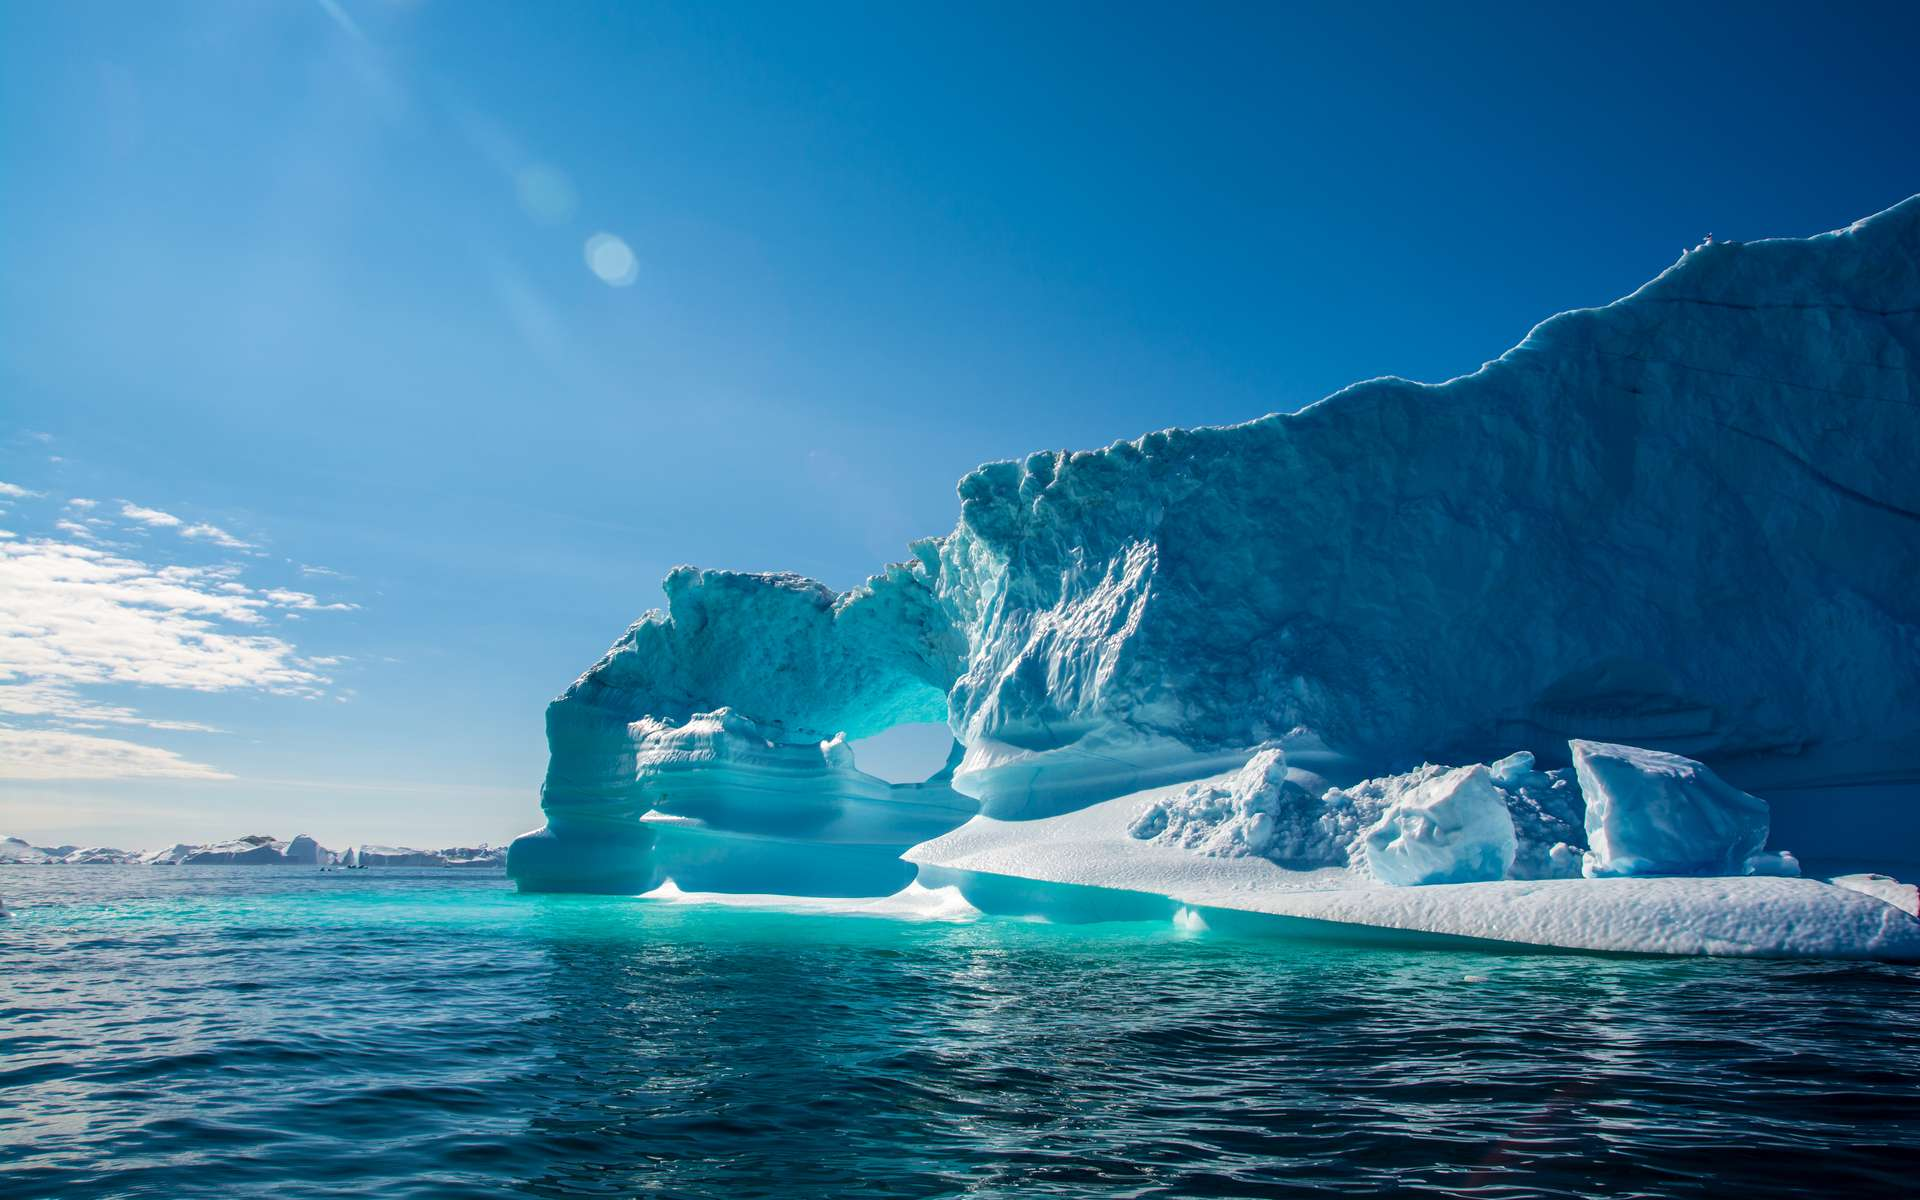 Des lacs se forment sur la deuxième plus grande calotte glacière au monde, ce qui pourrait causer son instabilité. © Mikhail79spb, Adobe Stock